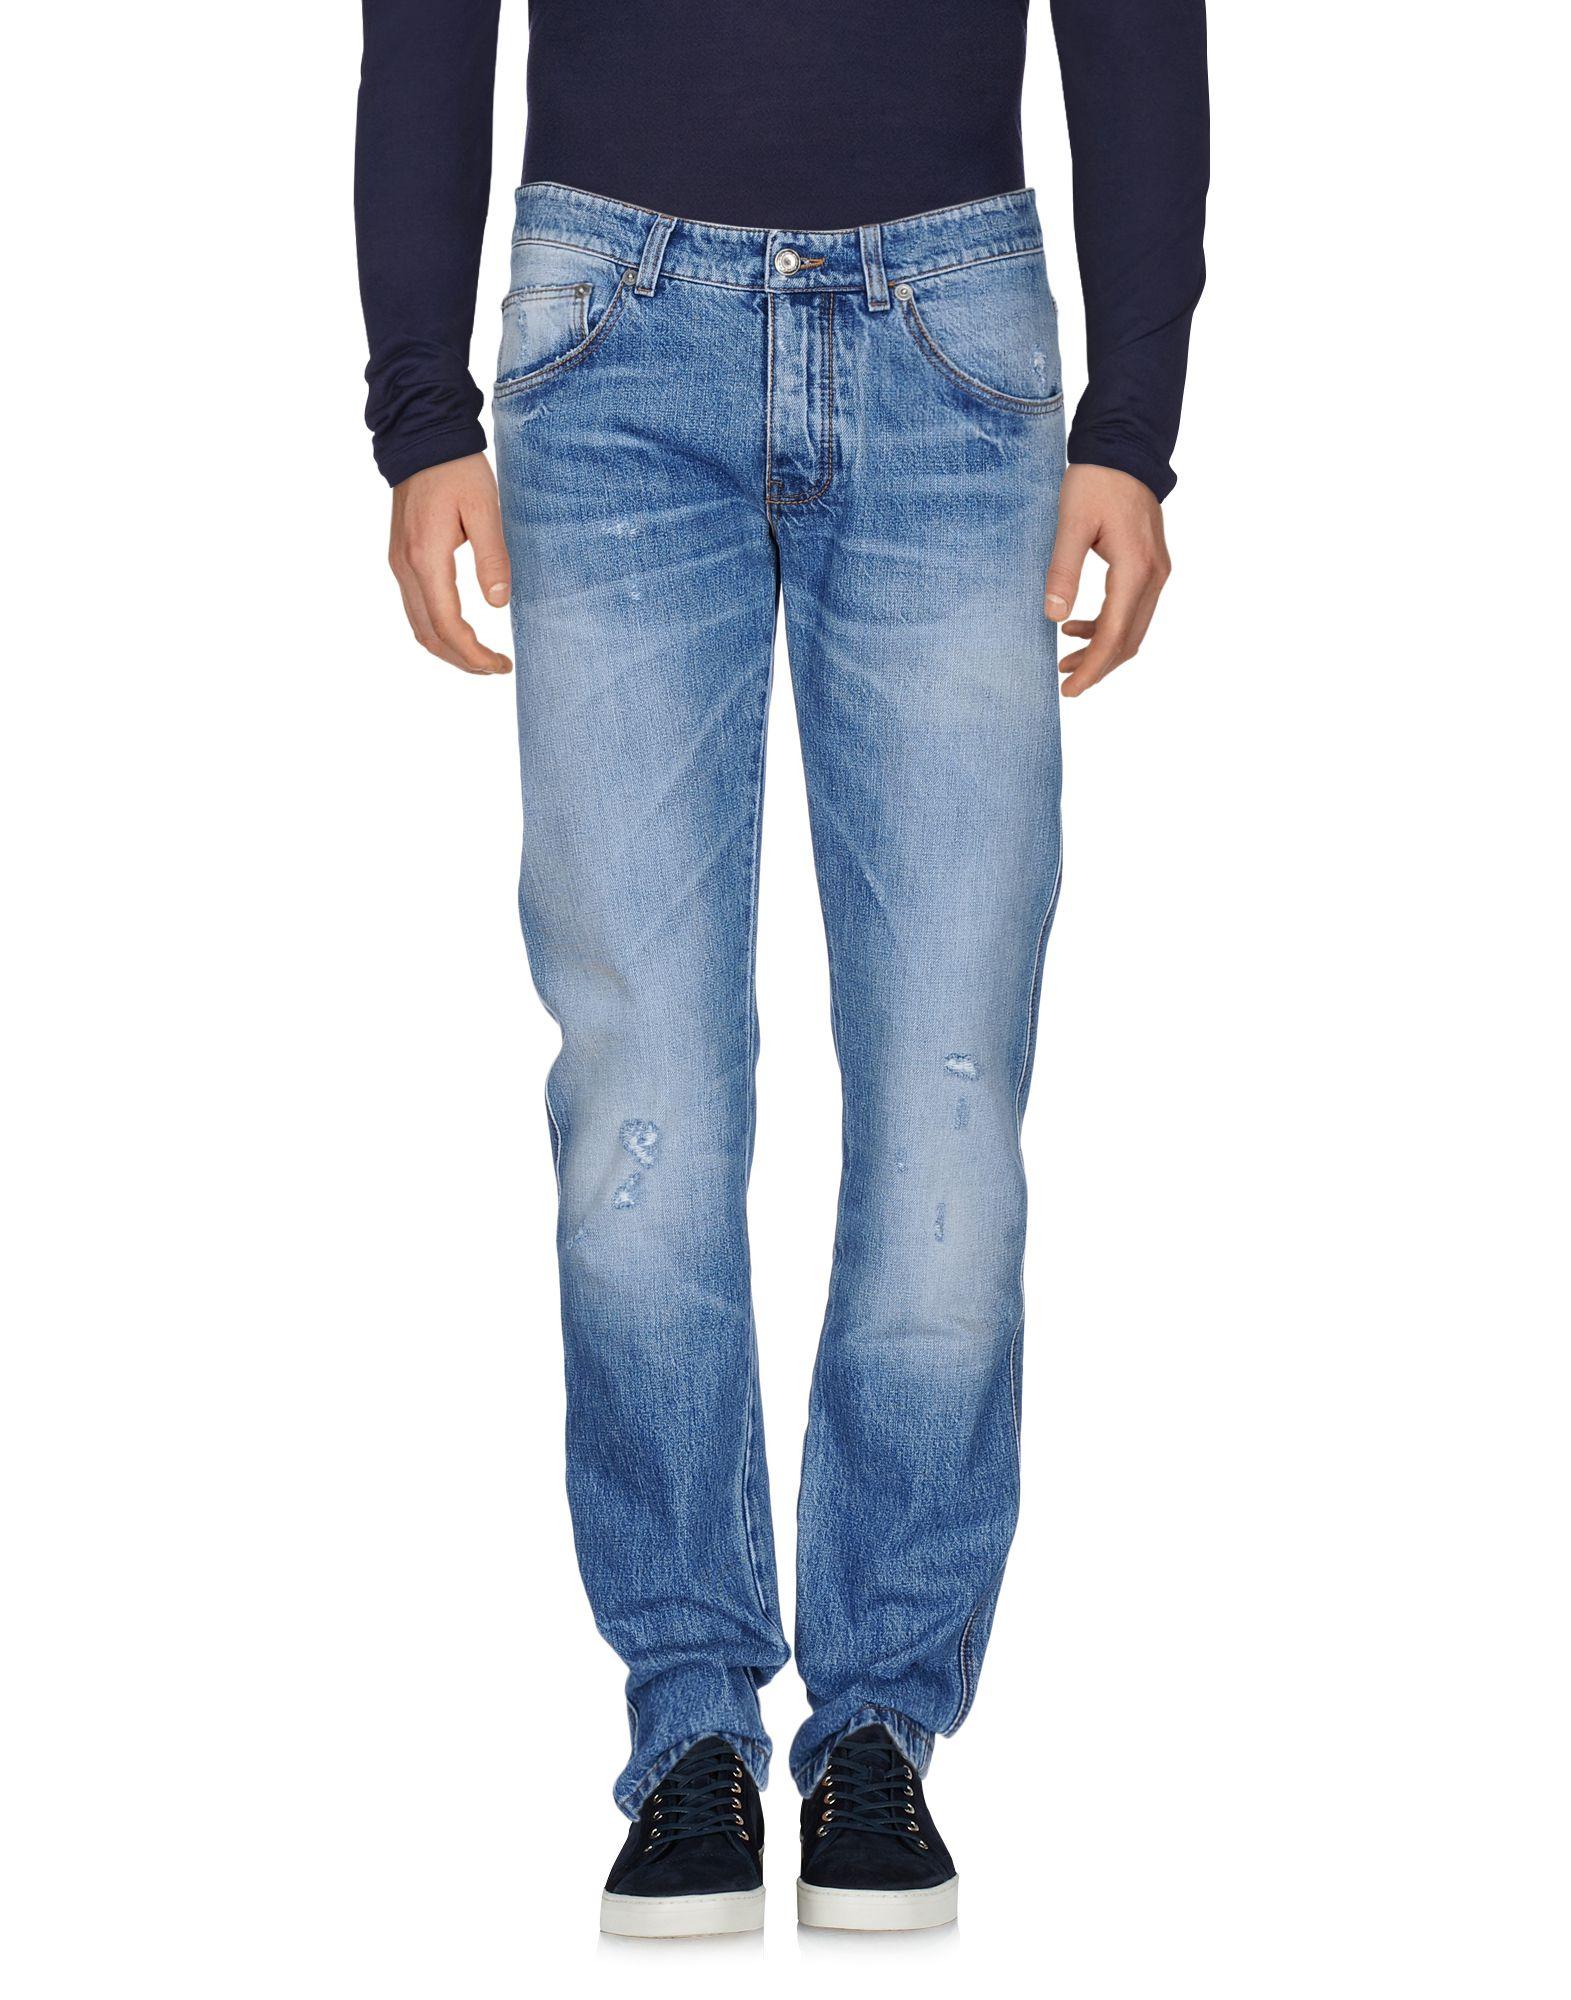 Pantaloni Jeans Ermanno Scervino Uomo - Acquista online su